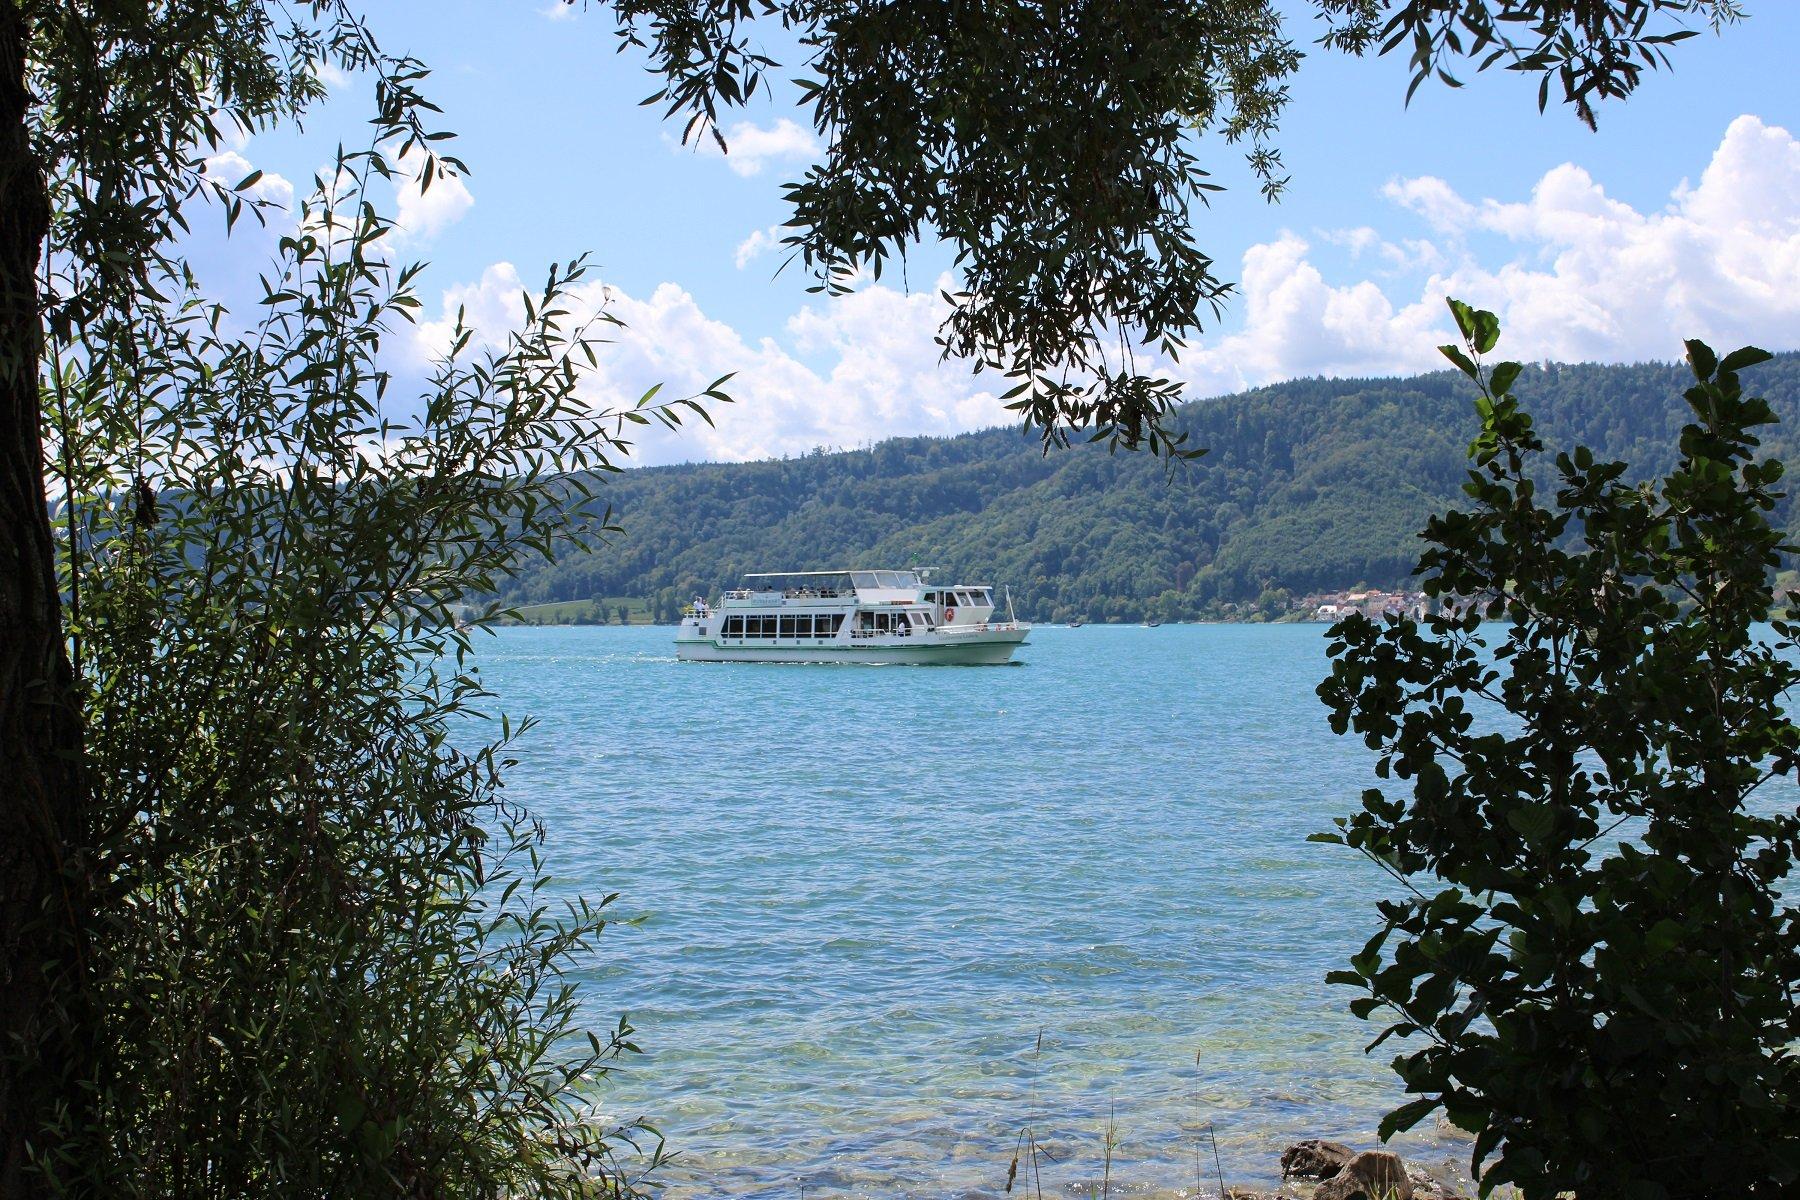 MS Großherzog Ludwig auf dem Überlinger See